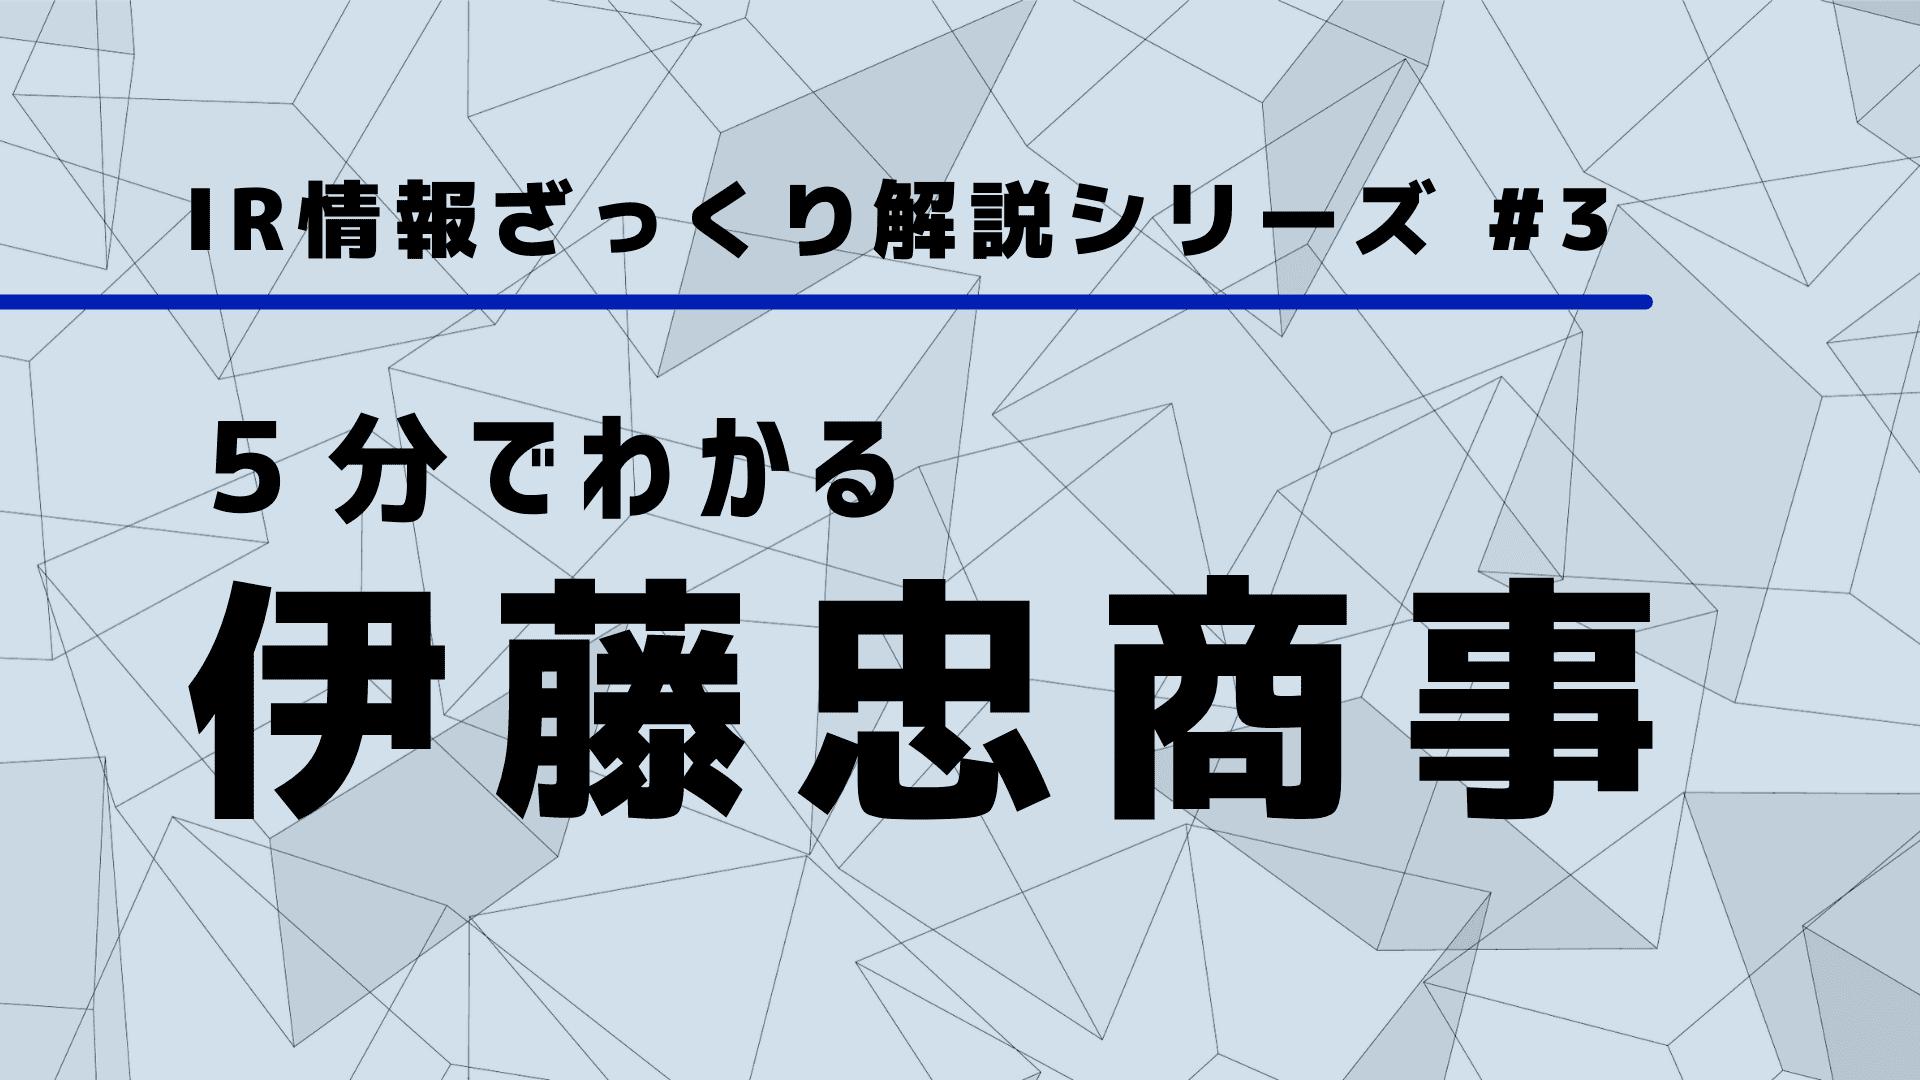 【企業研究】5分でわかる!IRから読み解く伊藤忠商事